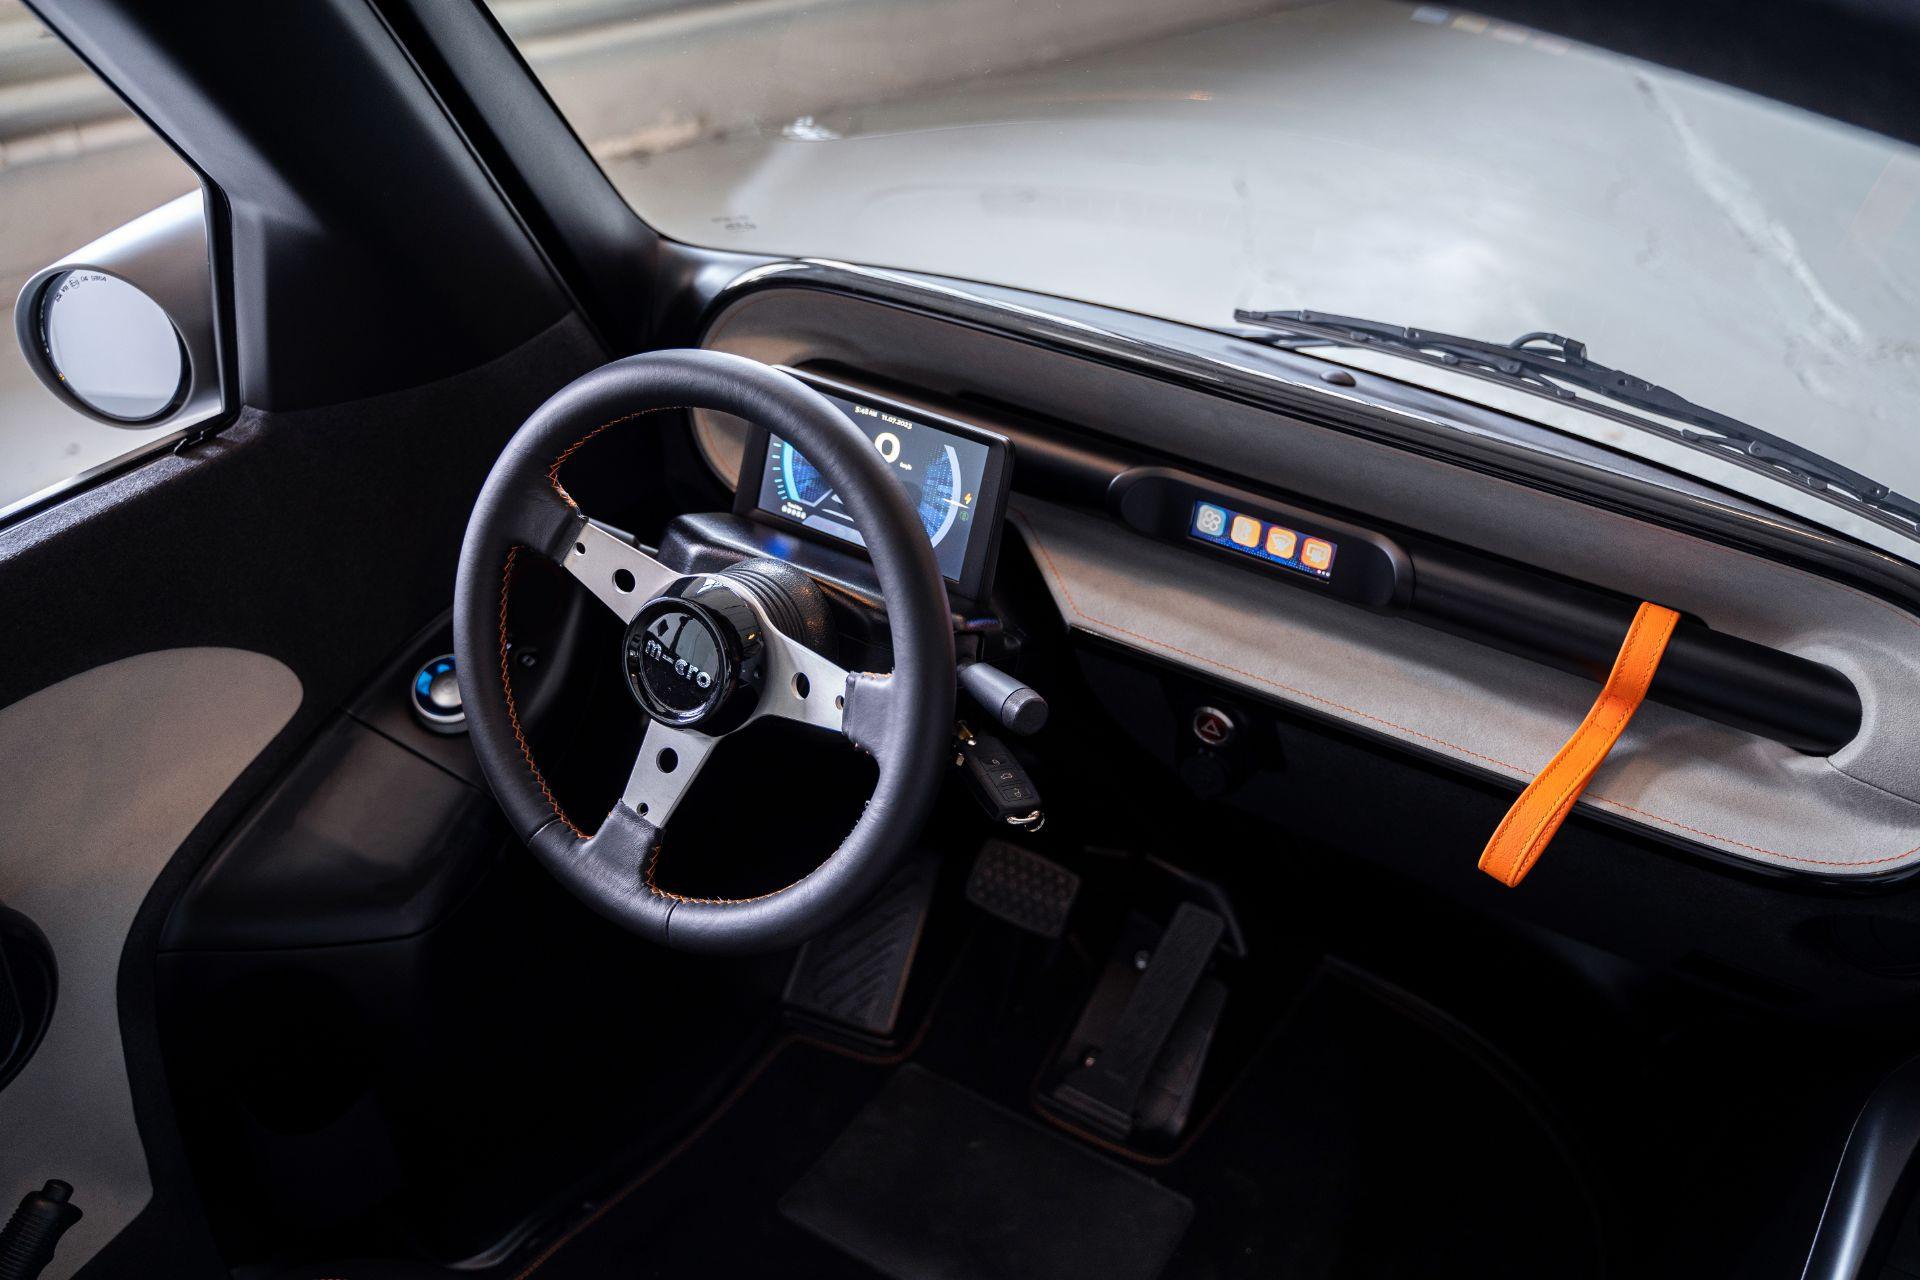 Xe điện tí hon Microlino 2.0 tái sinh huyền thoại BMW Isetta - 3